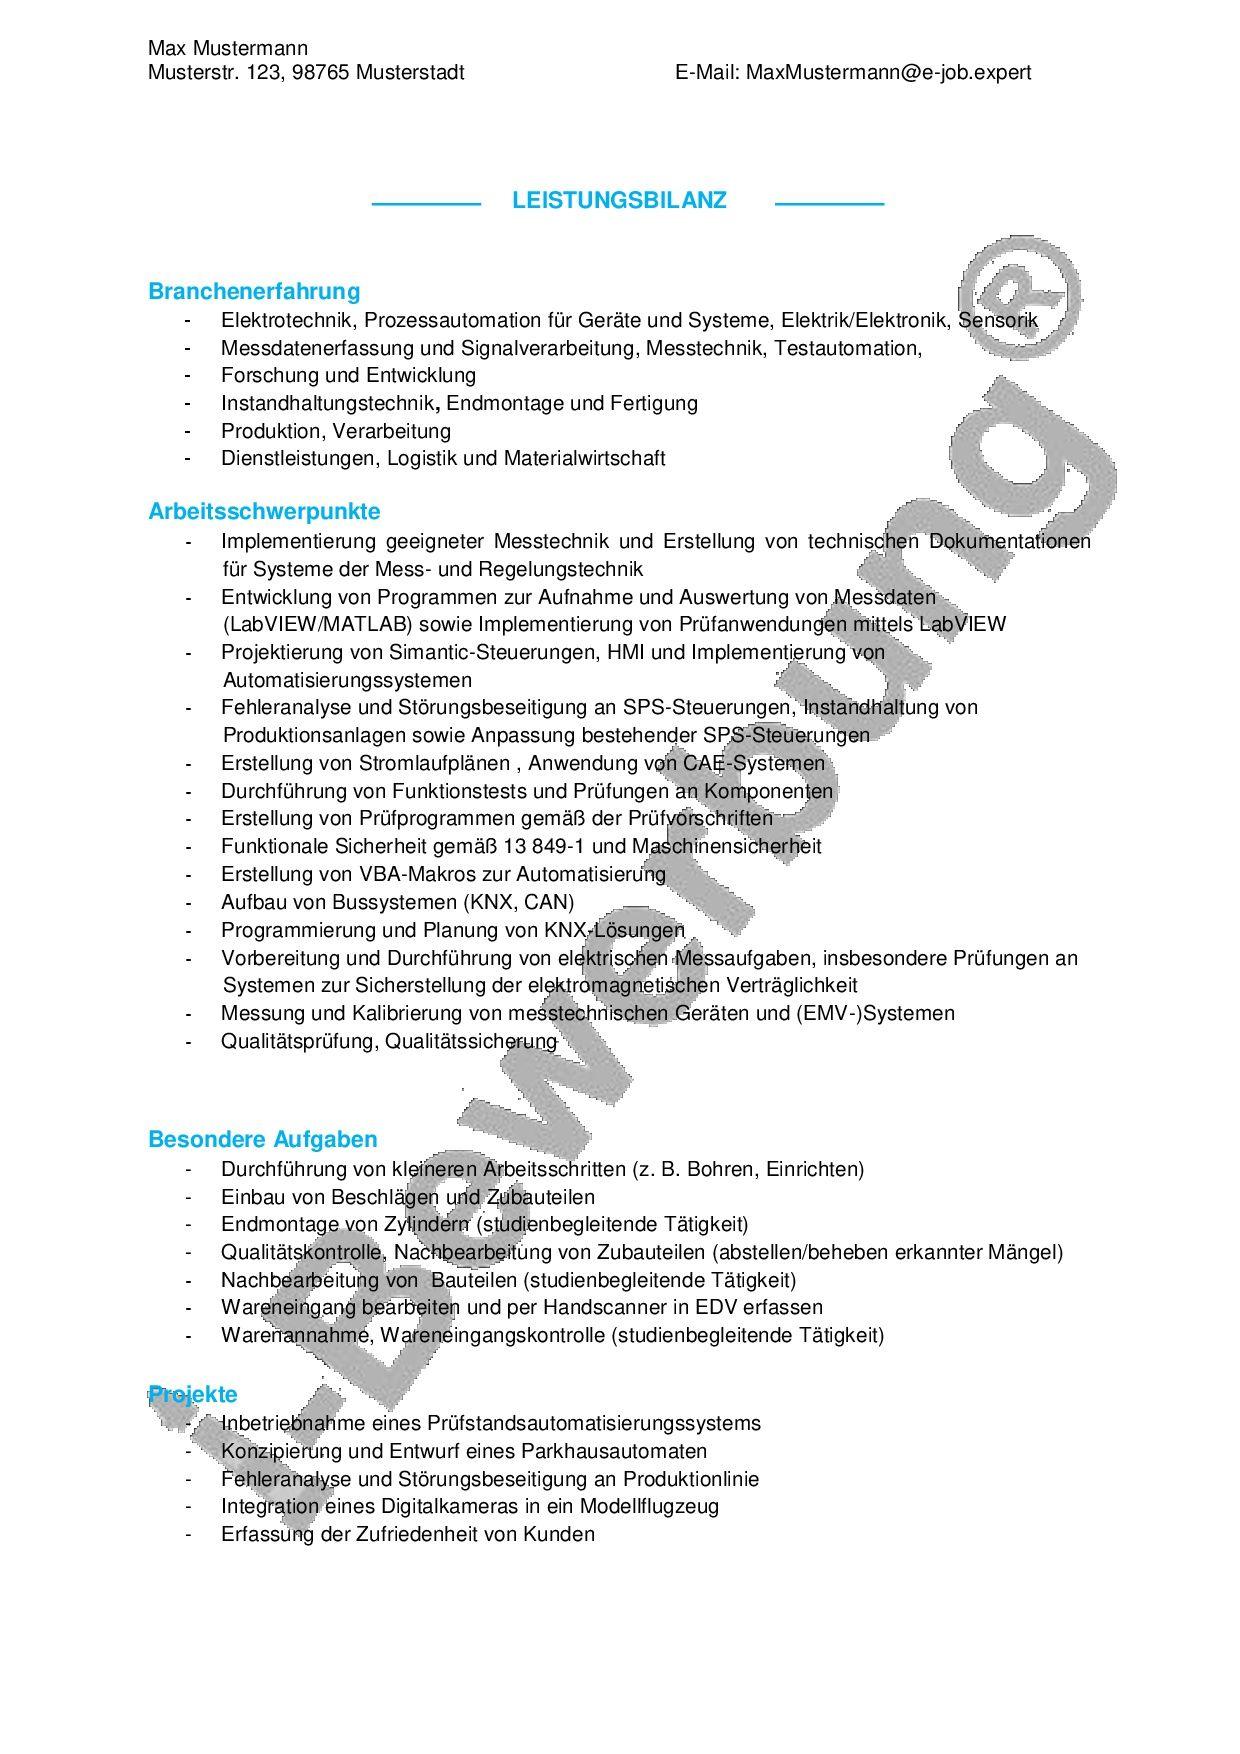 Beispiele Und Muster Fur Ein Qualifikationsprofil Bewerbung Anschreiben Muster Initiativbewerbung Anschreiben Muster Bewerbung Lebenslauf Vorlage